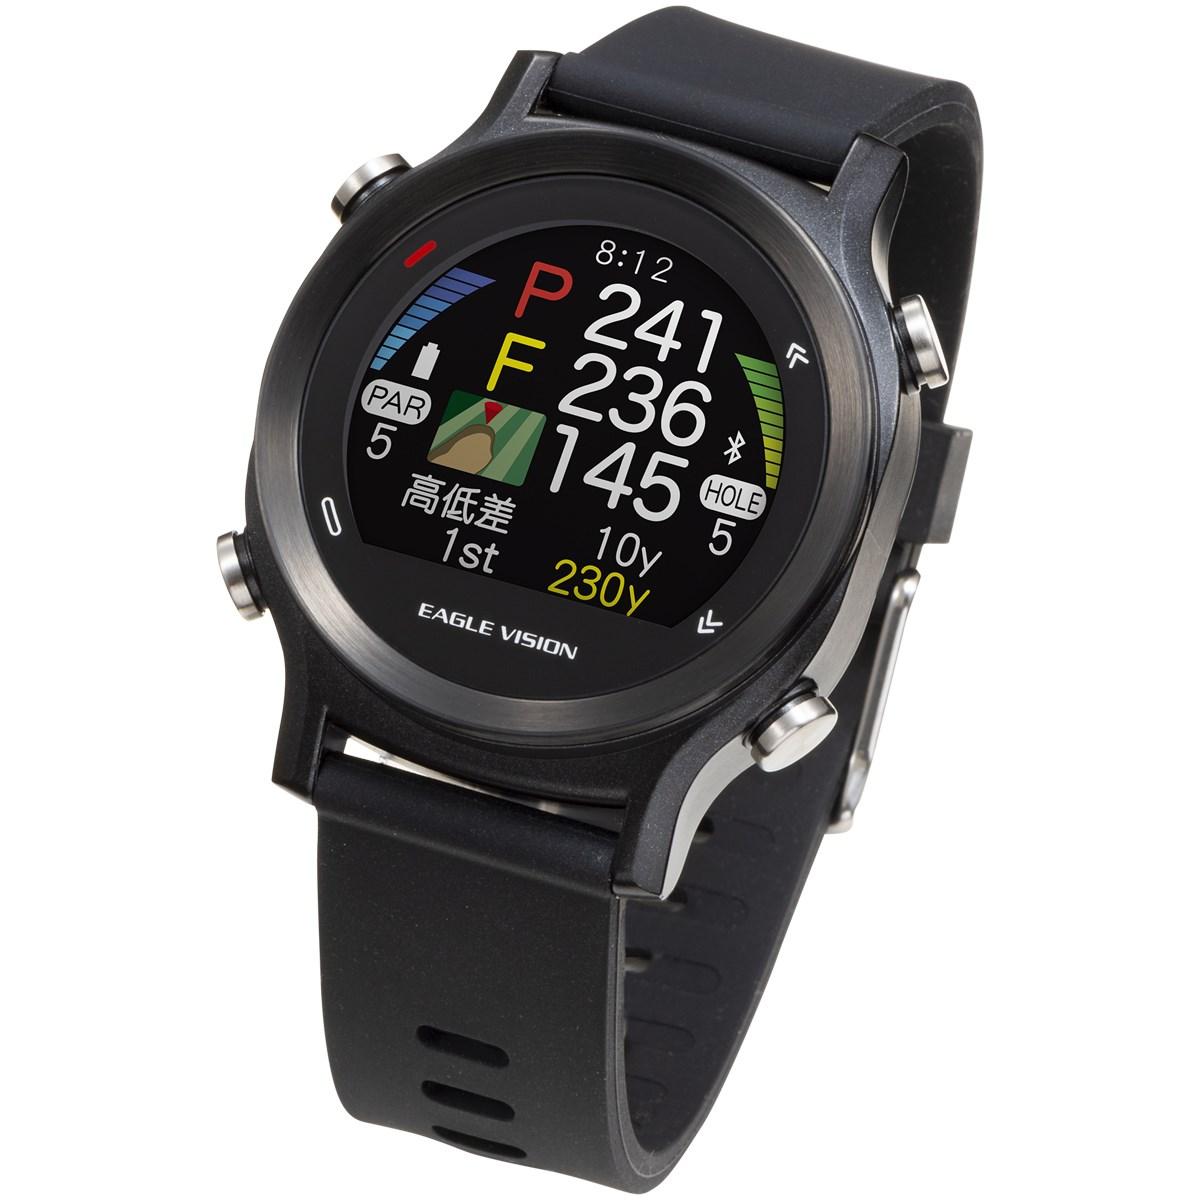 朝日ゴルフ用品(ASAHI GOLF CO.,LTD) イーグルビジョン Watch ACE